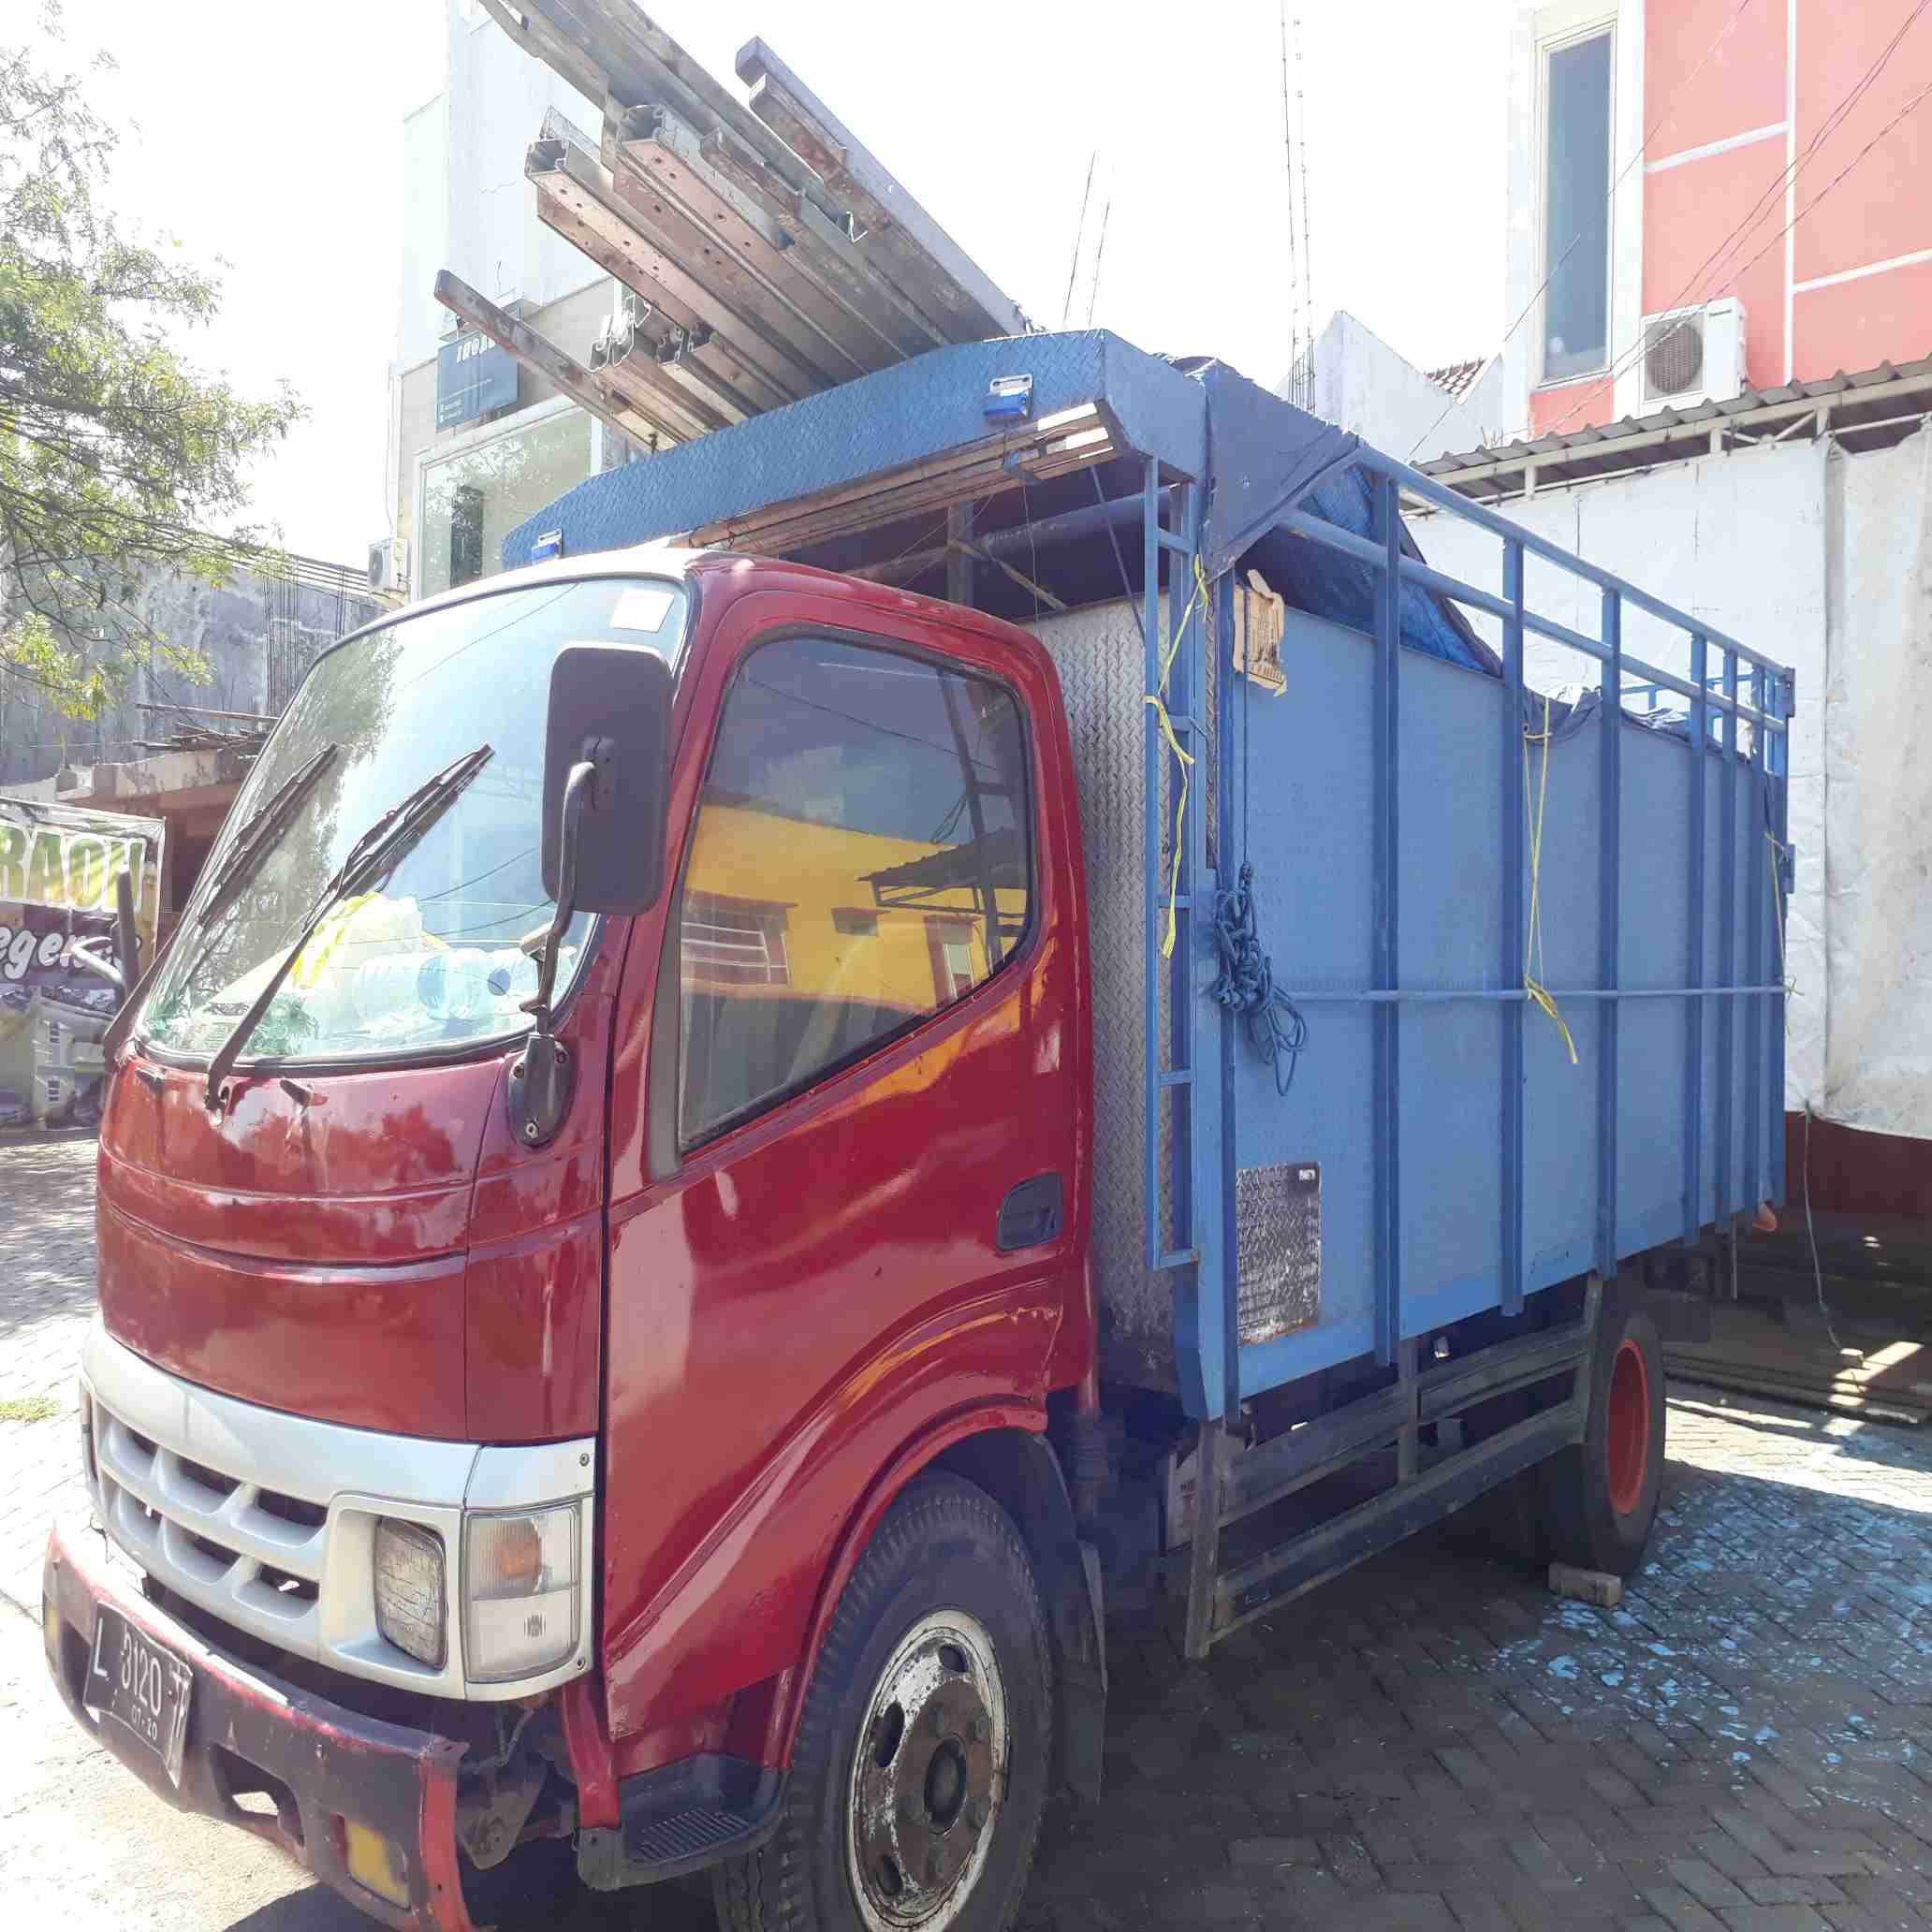 jasa angkutan truk surabaya sidoarjo gresik dan sekitarnya